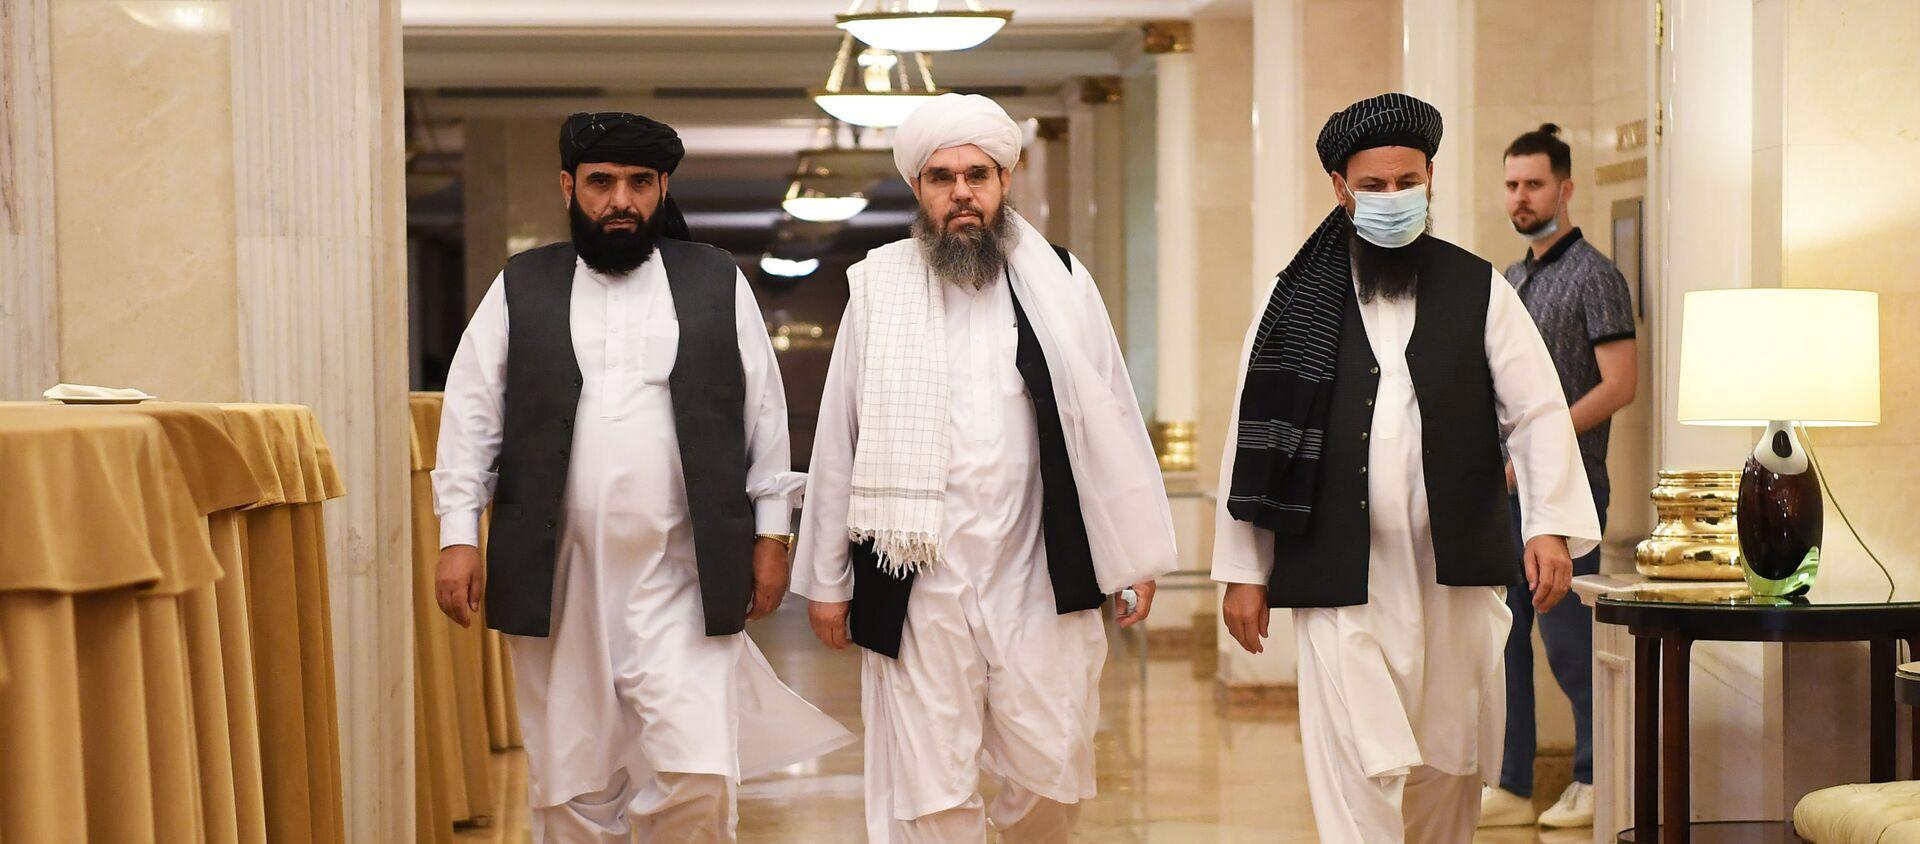 Cuộc họp báo của phái đoàn văn phòng chính trị của phong trào Taliban (bị cấm ở Liên bang Nga) tại Moscow - Sputnik Việt Nam, 1920, 12.07.2021